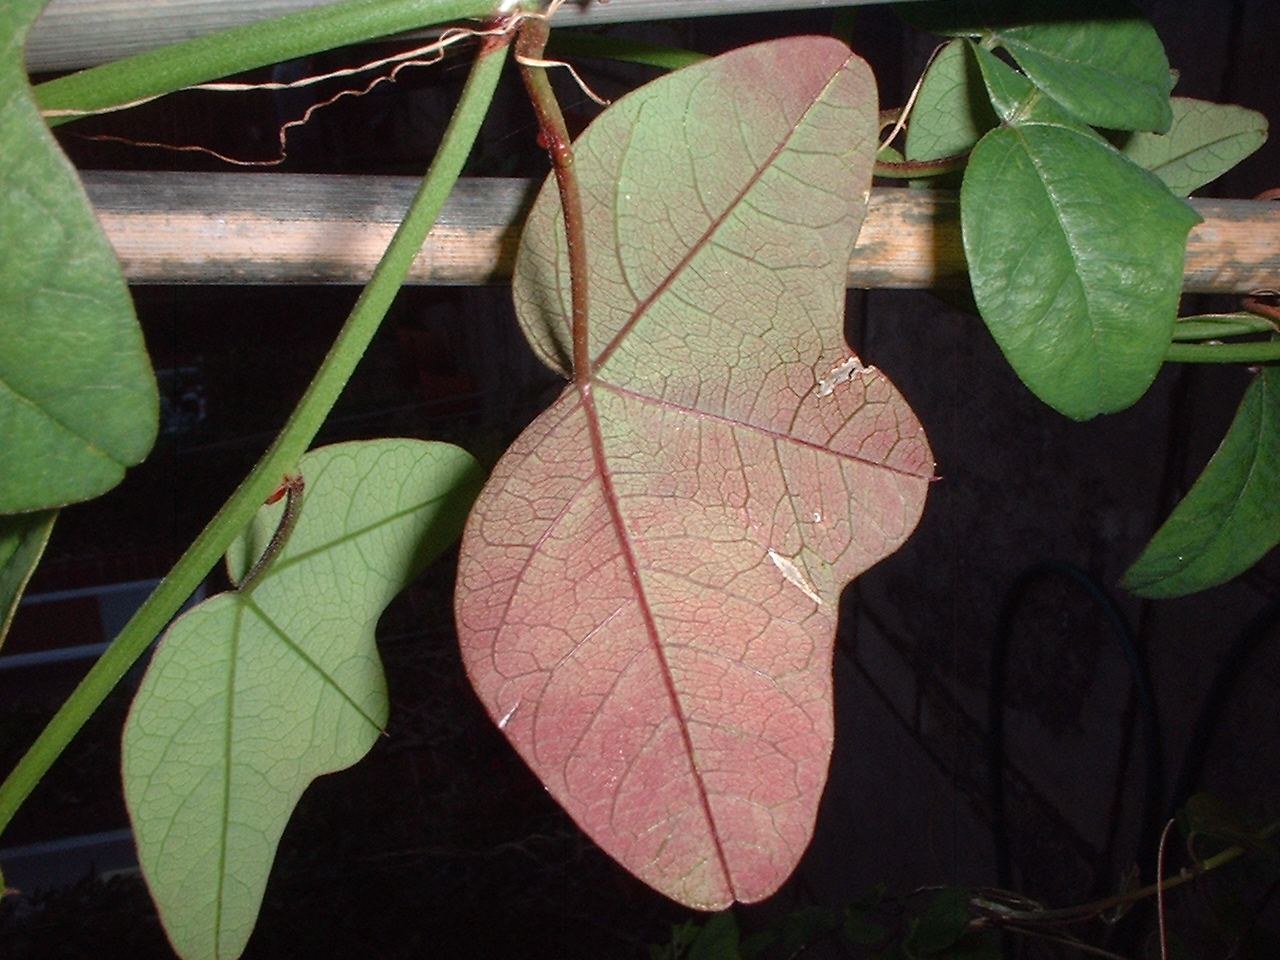 Passiflora sagasteguii leaf underside